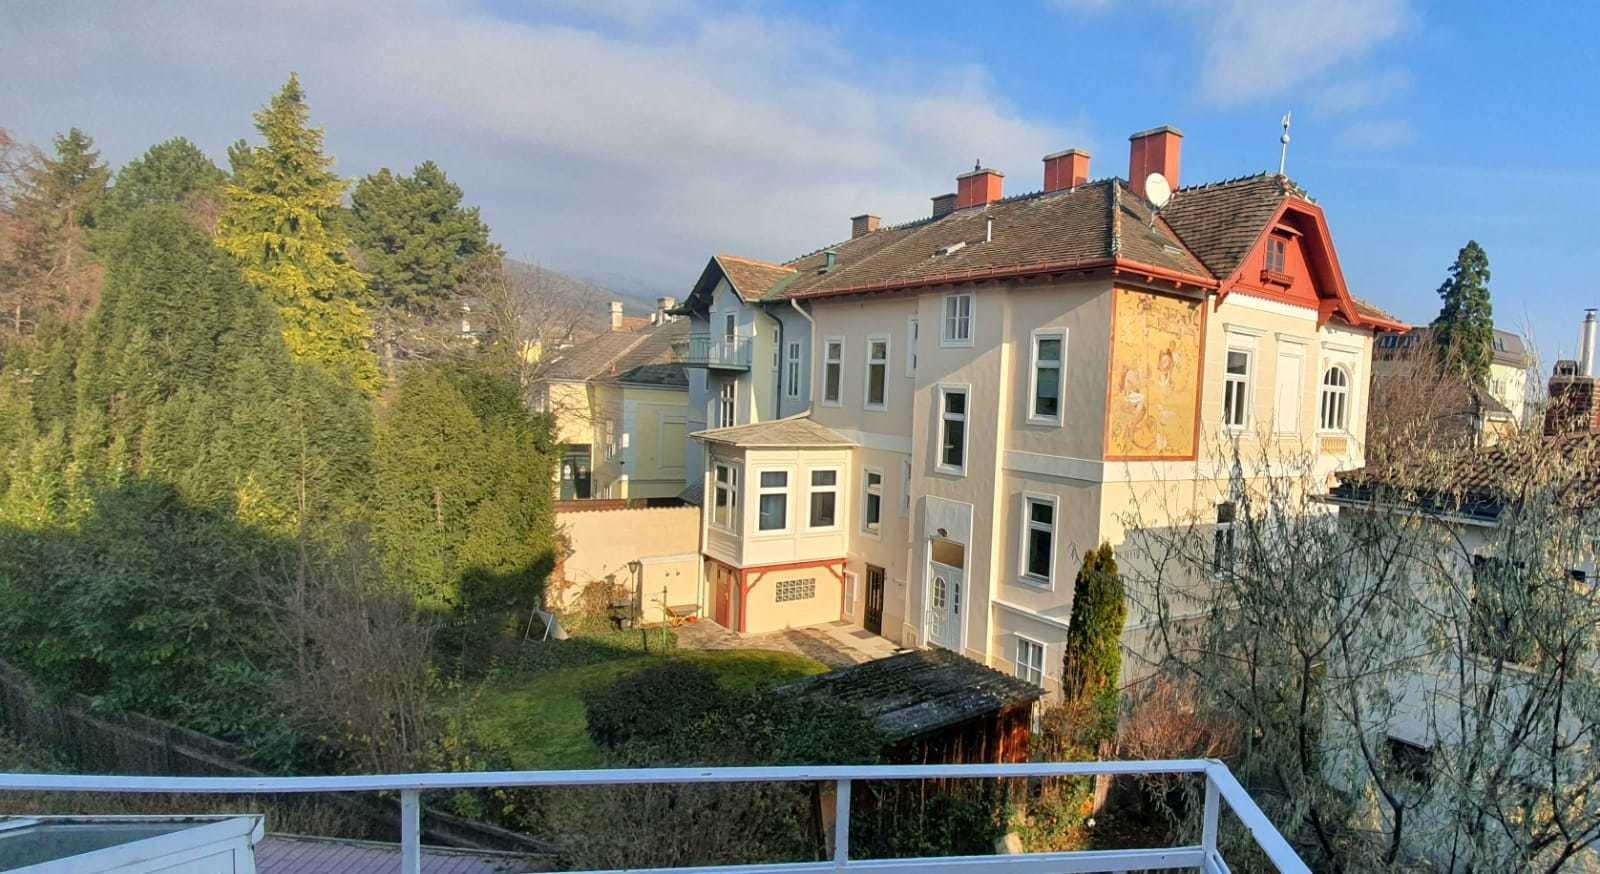 Wunderschöne 4 Zimmerwohnung mit Terrasse (Garten Mitbenutzung)